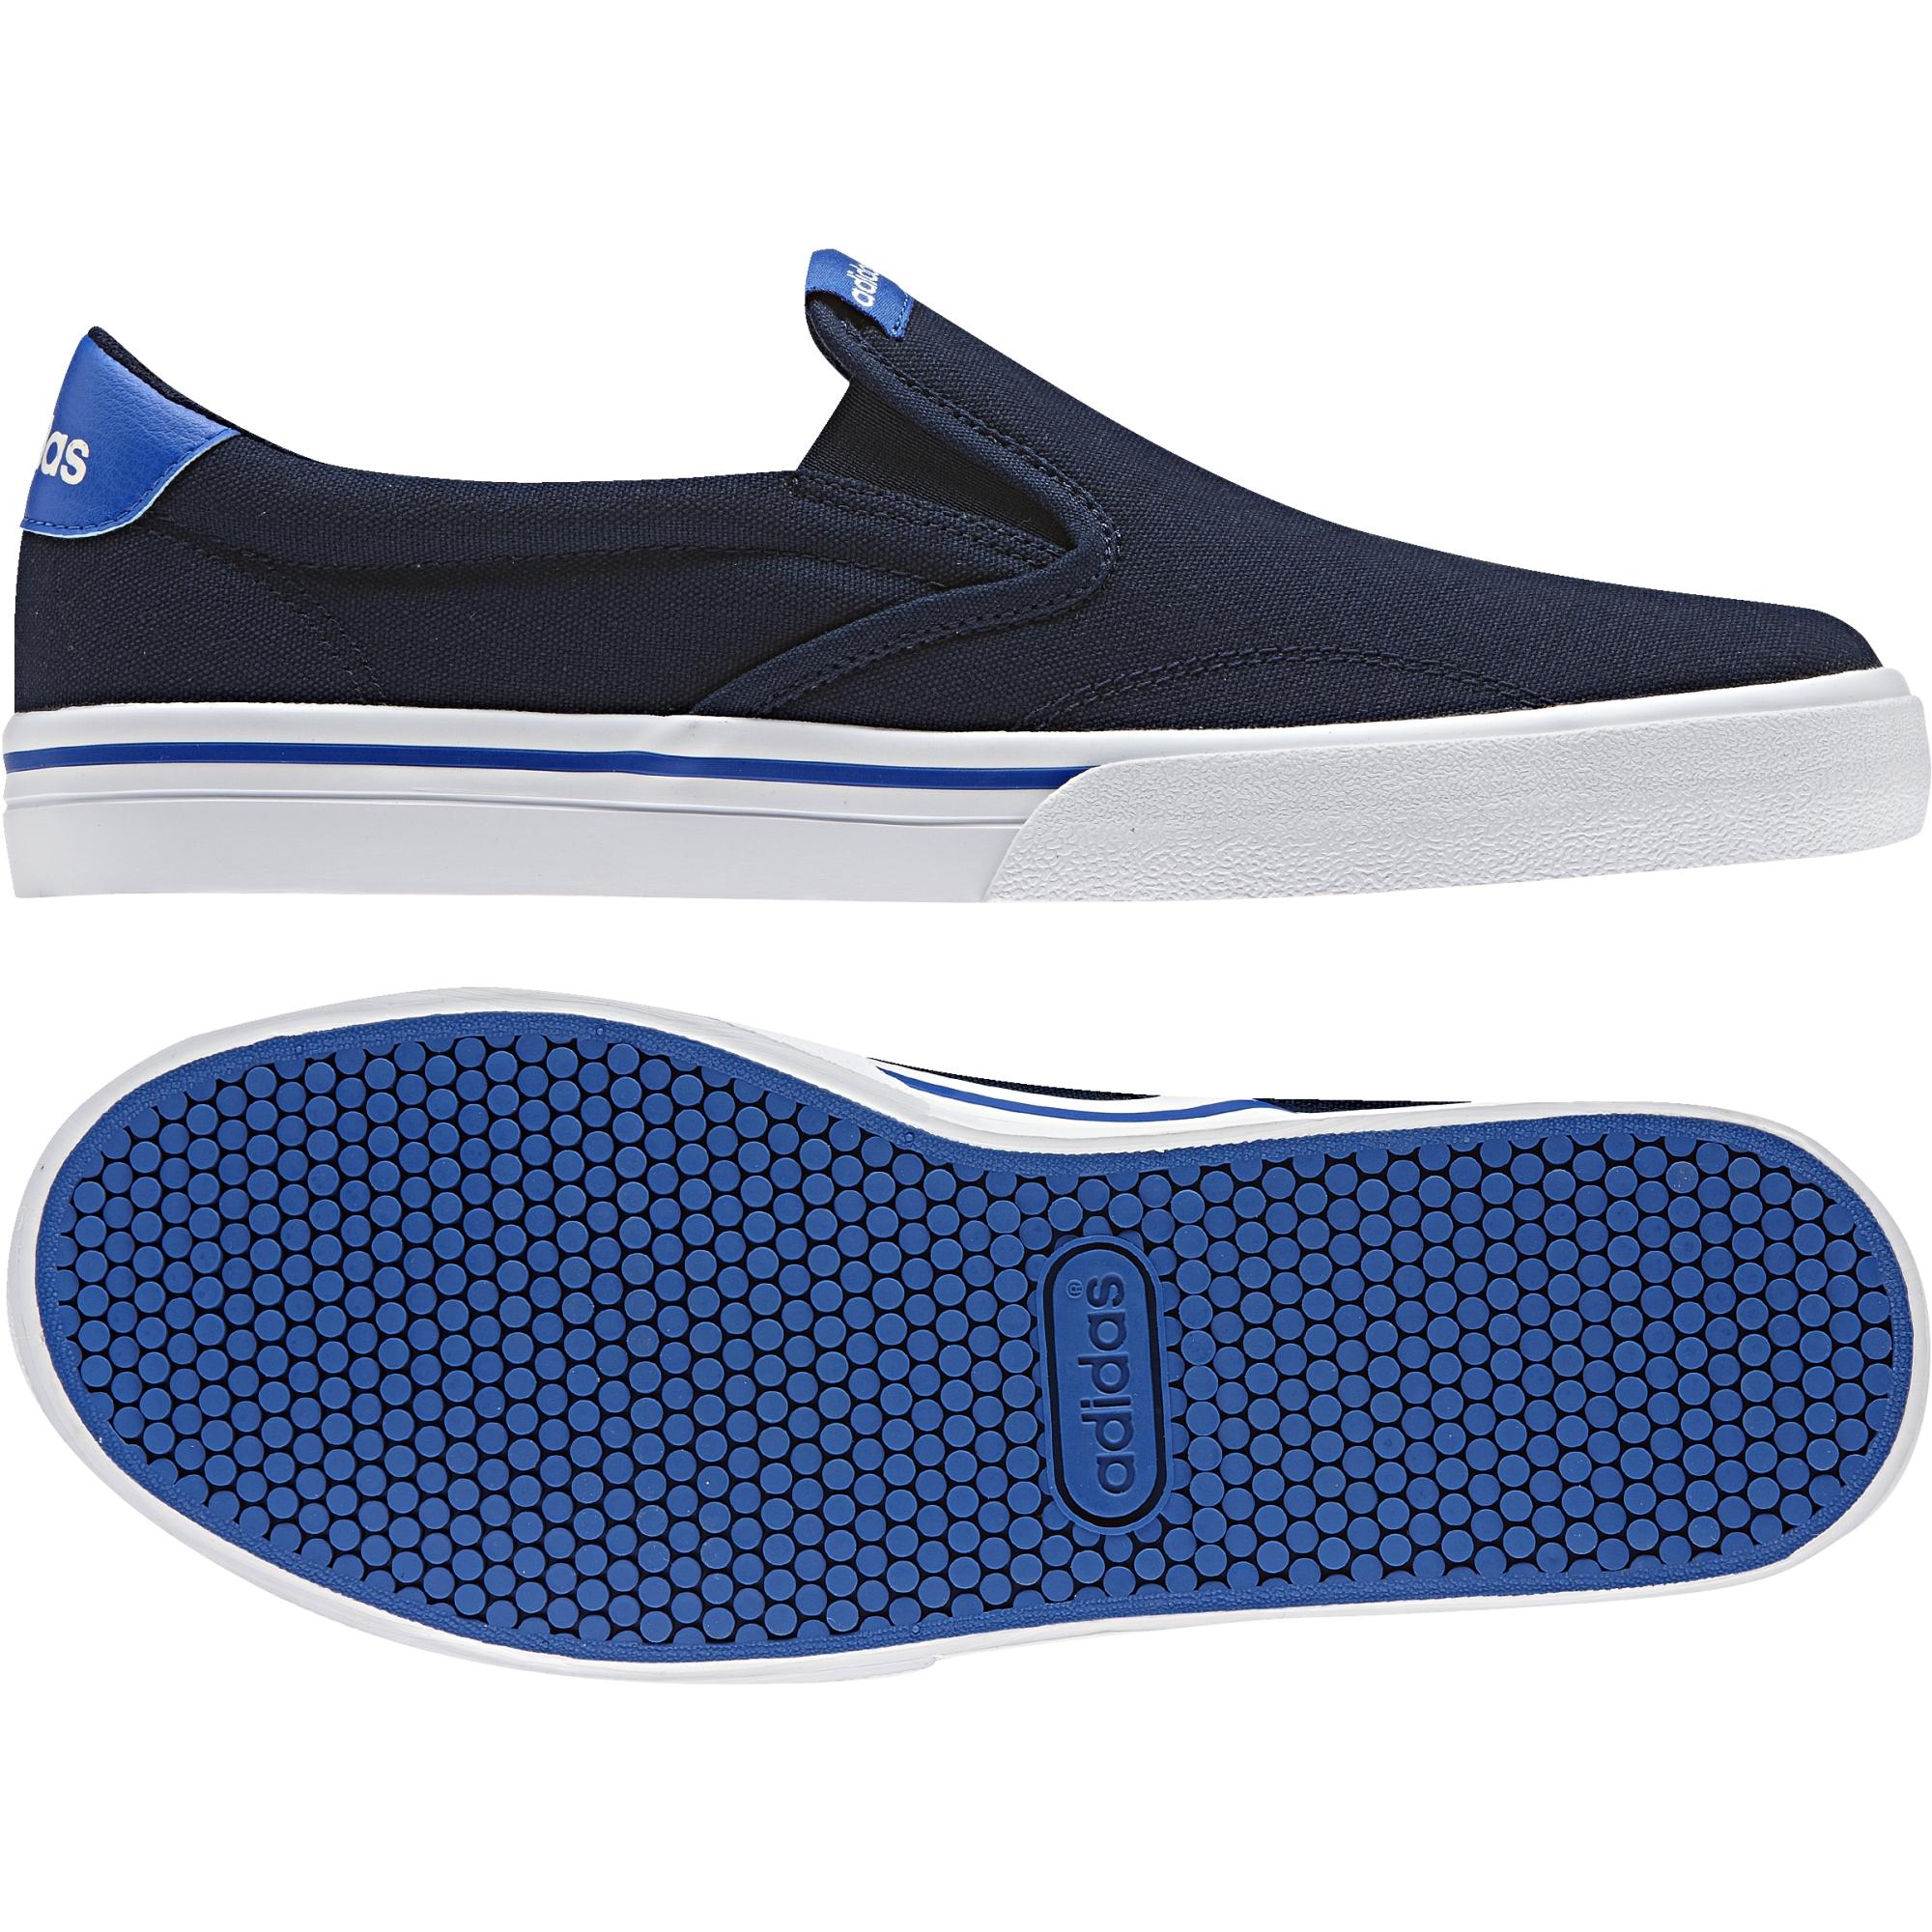 1536a9dac Pánske slip-on topánky adidas GVP SO modré. Moderné slip-ony pre vychádzky  plné pohodlie.